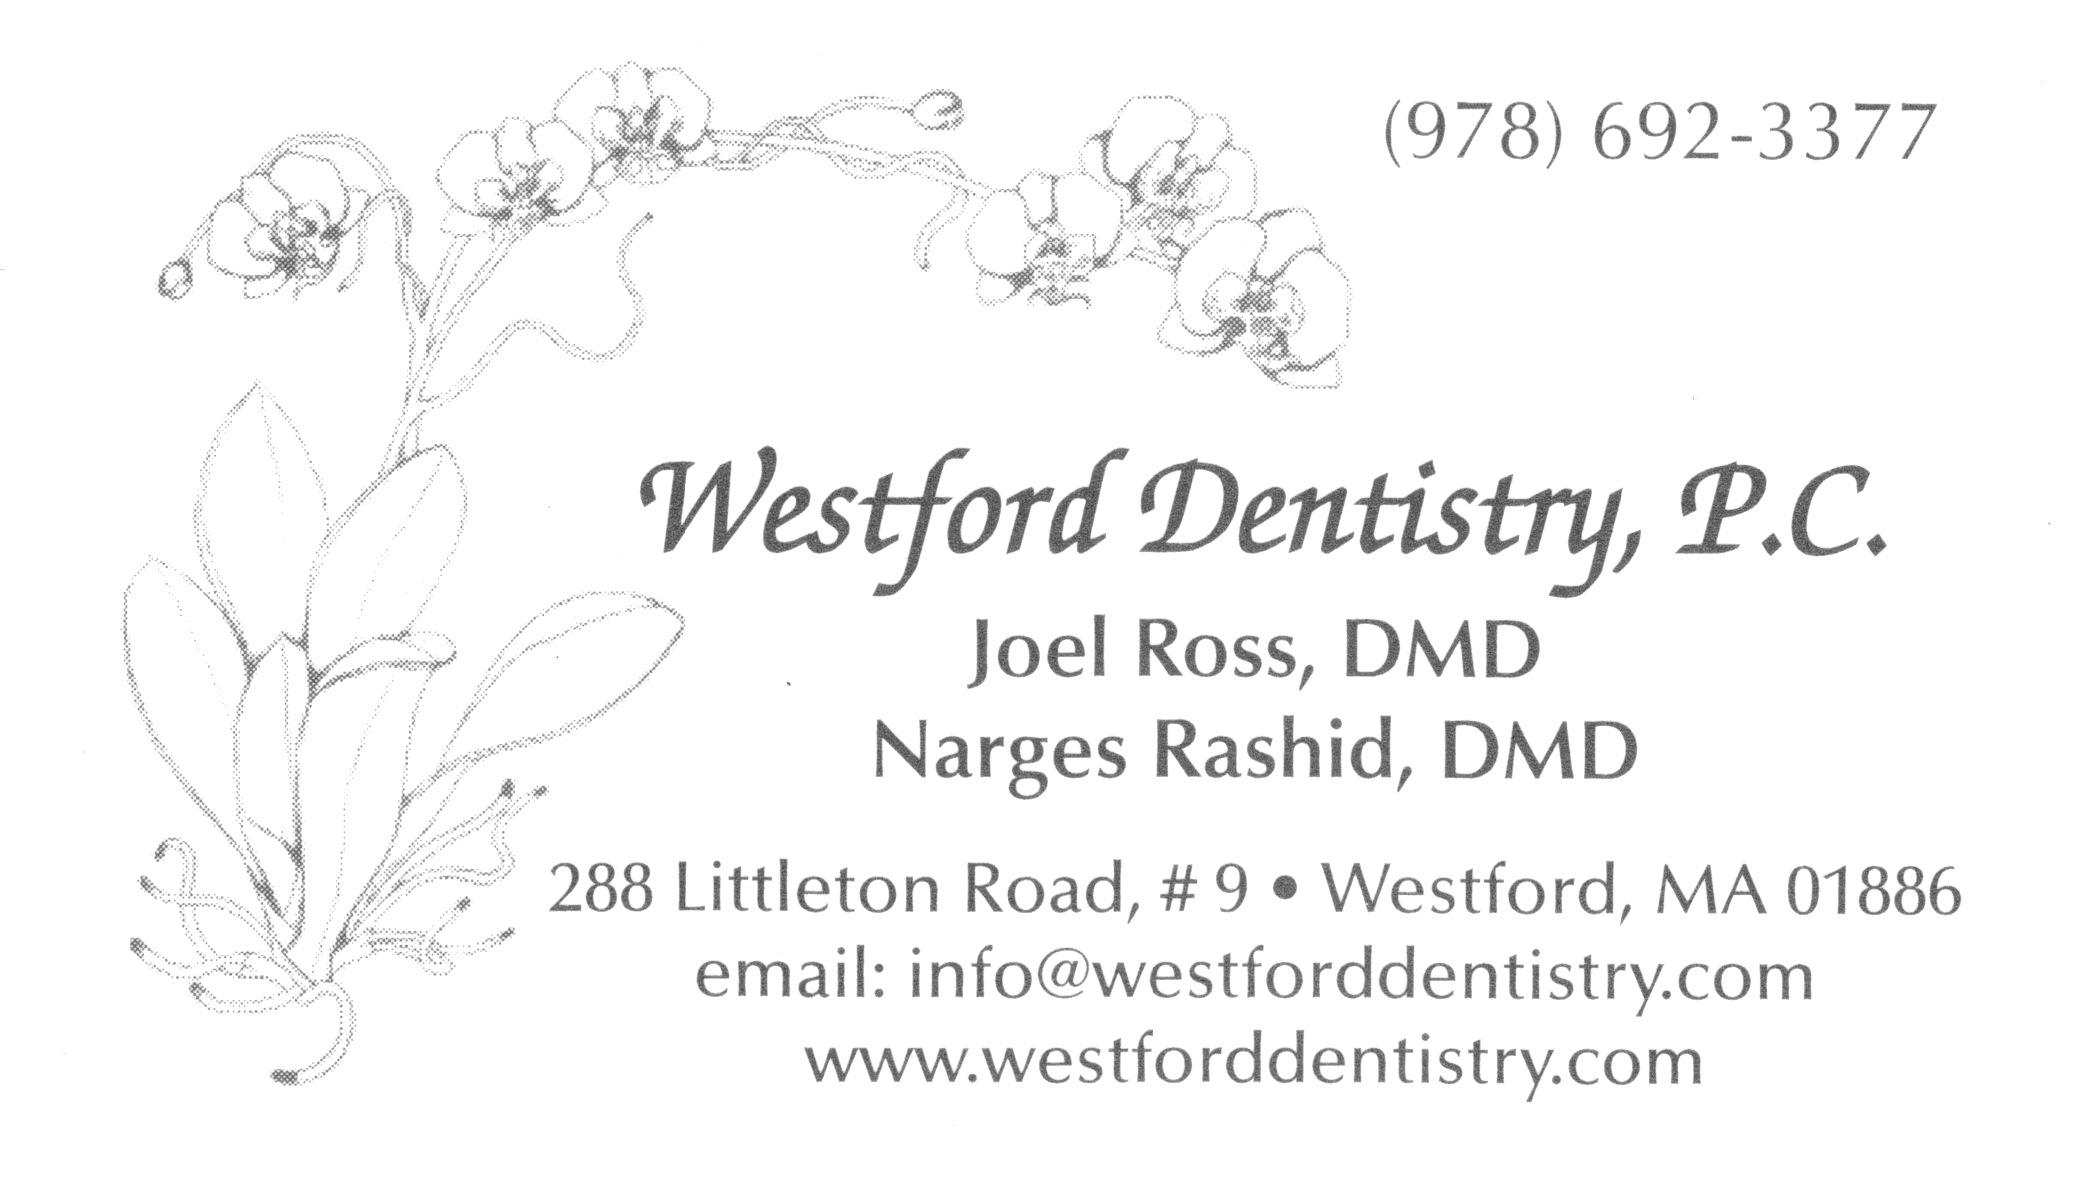 WestfordDentistry